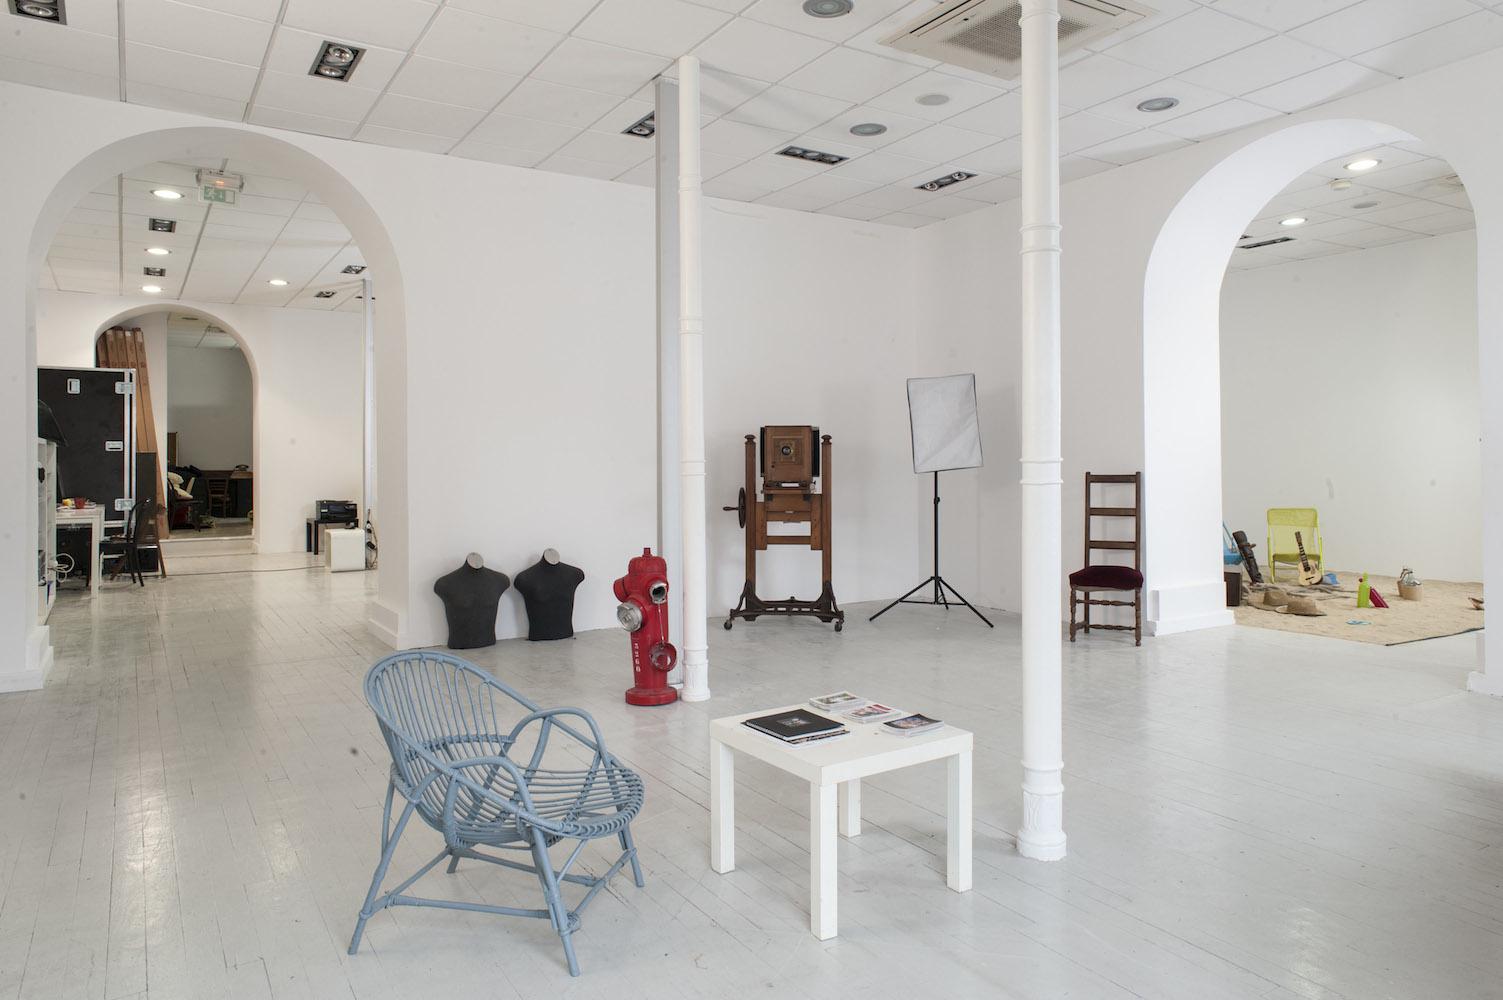 le studio le carr d m nage pour occuper de beaux et grands locaux tout neufs. Black Bedroom Furniture Sets. Home Design Ideas